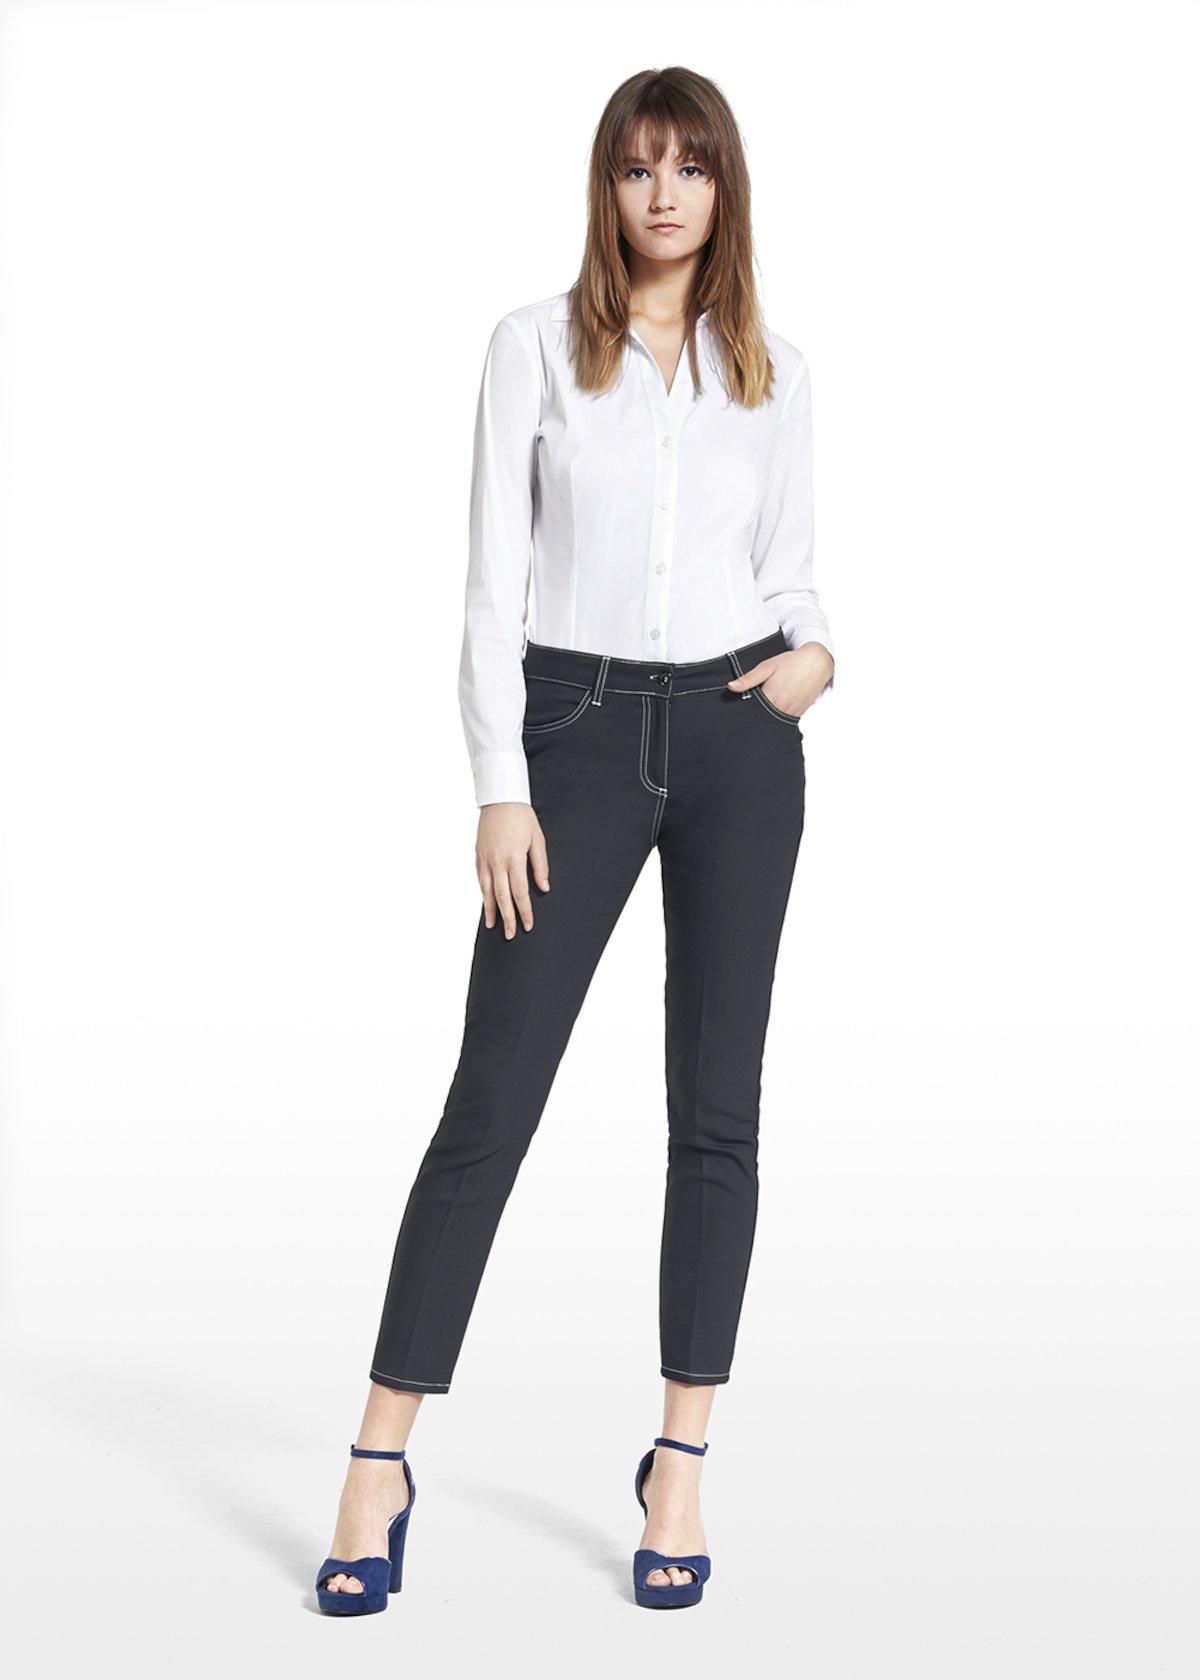 Pantaloni Kate 5 tasche in tessuto tecnico - Black - Donna - Immagine categoria